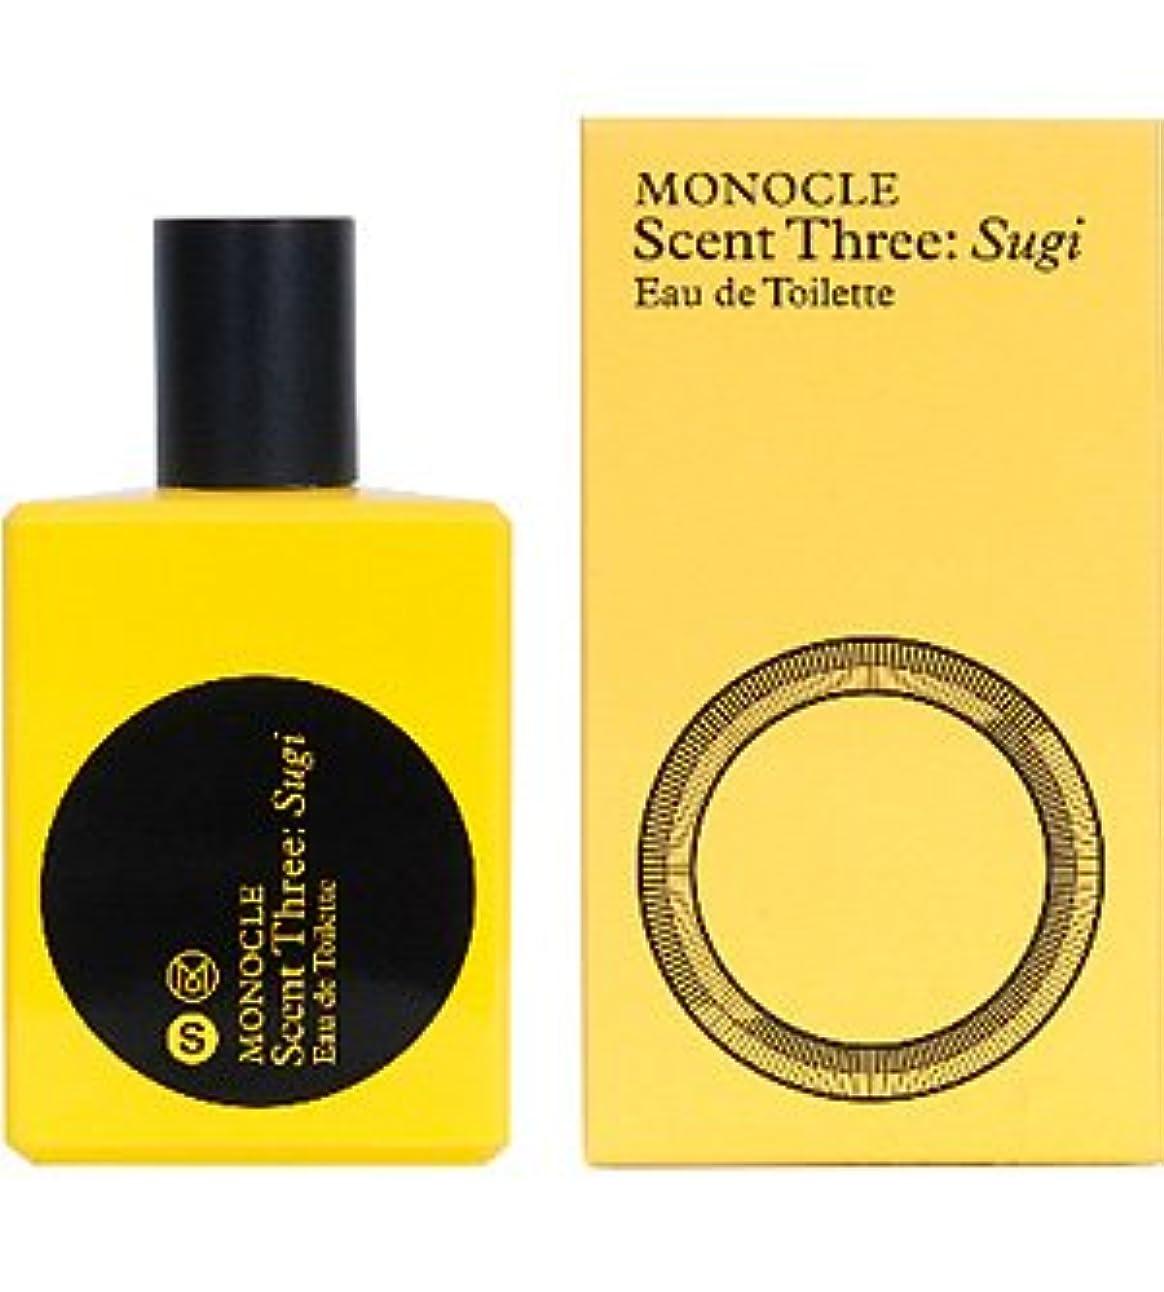 レイ複合遅滞Comme des Garcons Monocle Scent Three Sugi (コムデギャルソン モノクル セント3 スギ) 1.7 oz (50ml) EDT Spray for Unisex